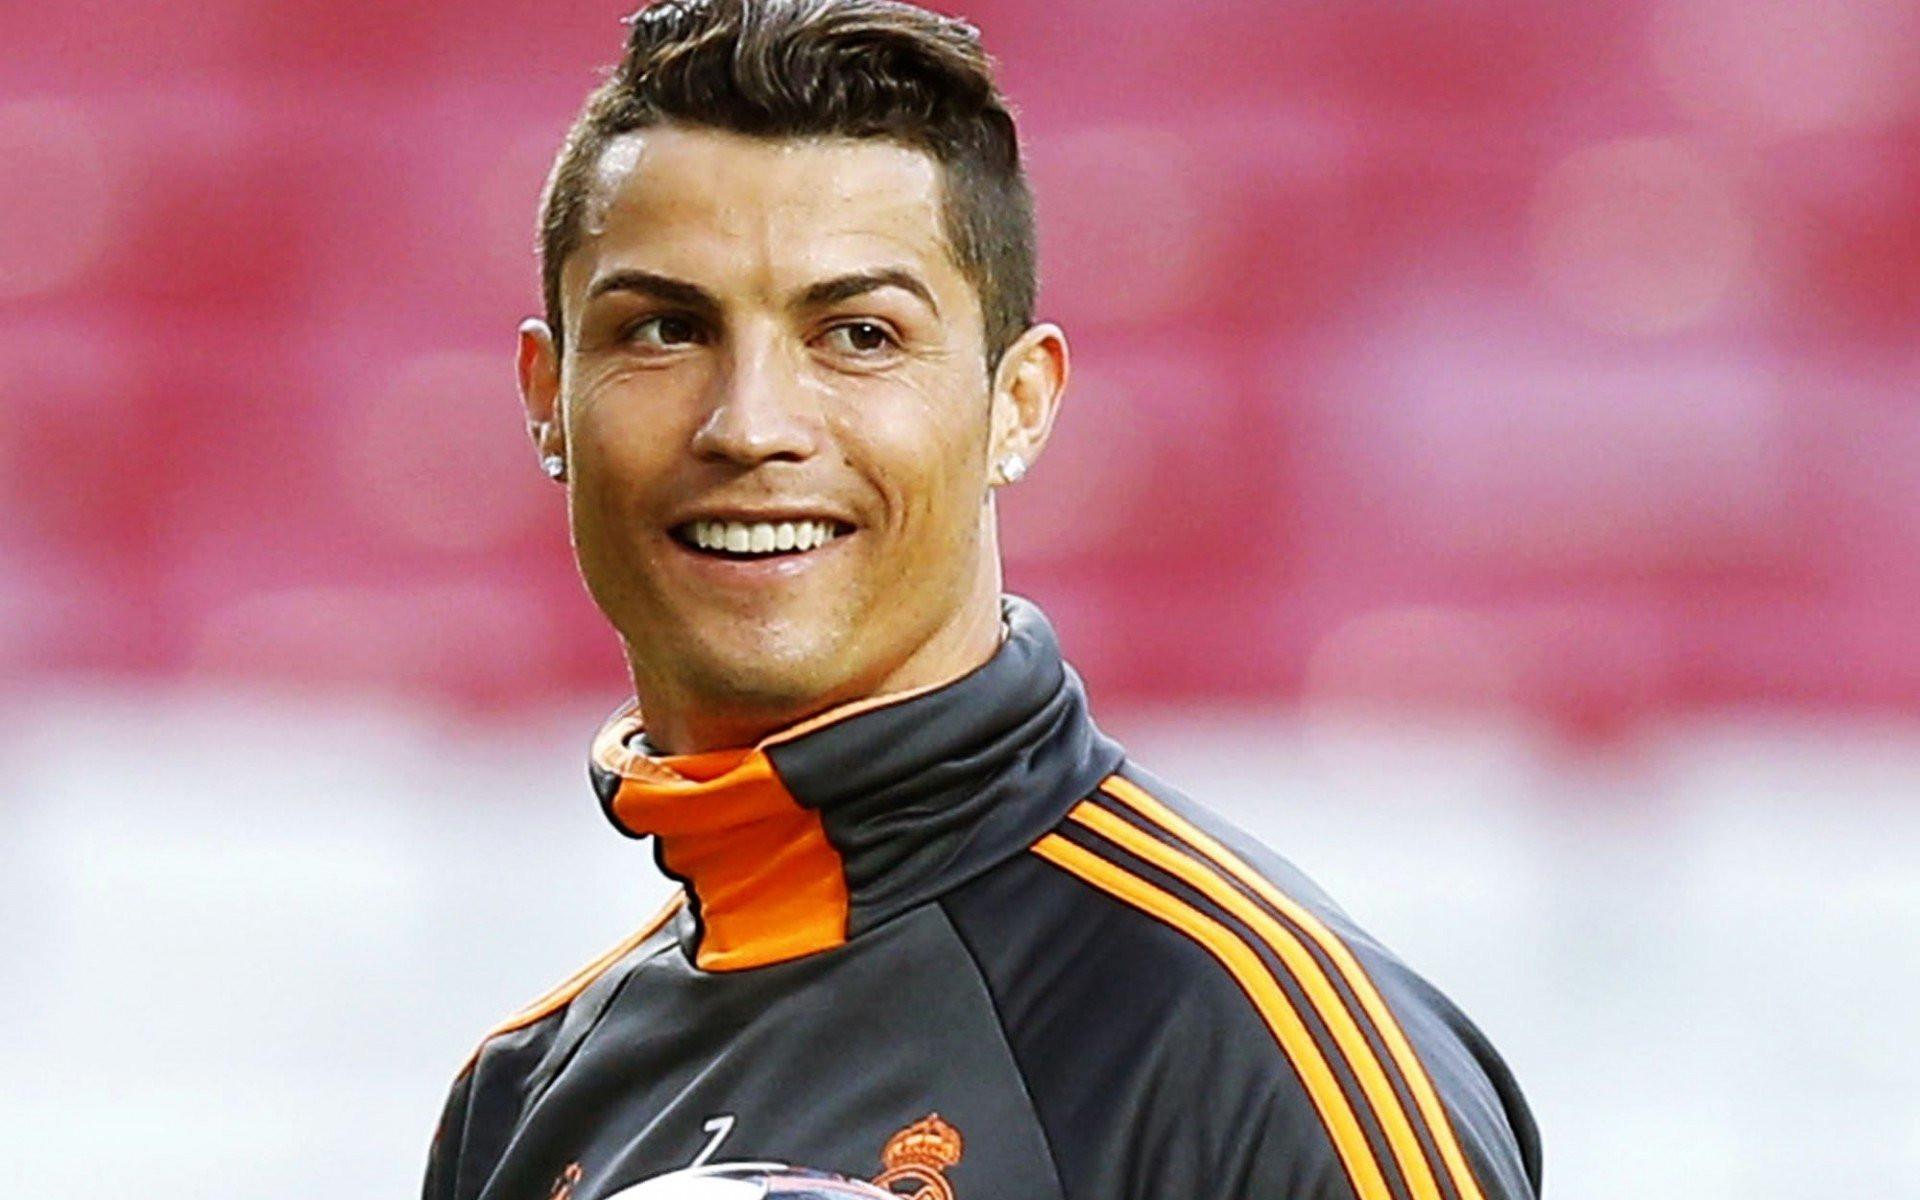 Ausmalbilder Für Erwachsene Landschaften Das Beste Von Foto Rambut Terbaru Cristiano Ronaldo Sammlung